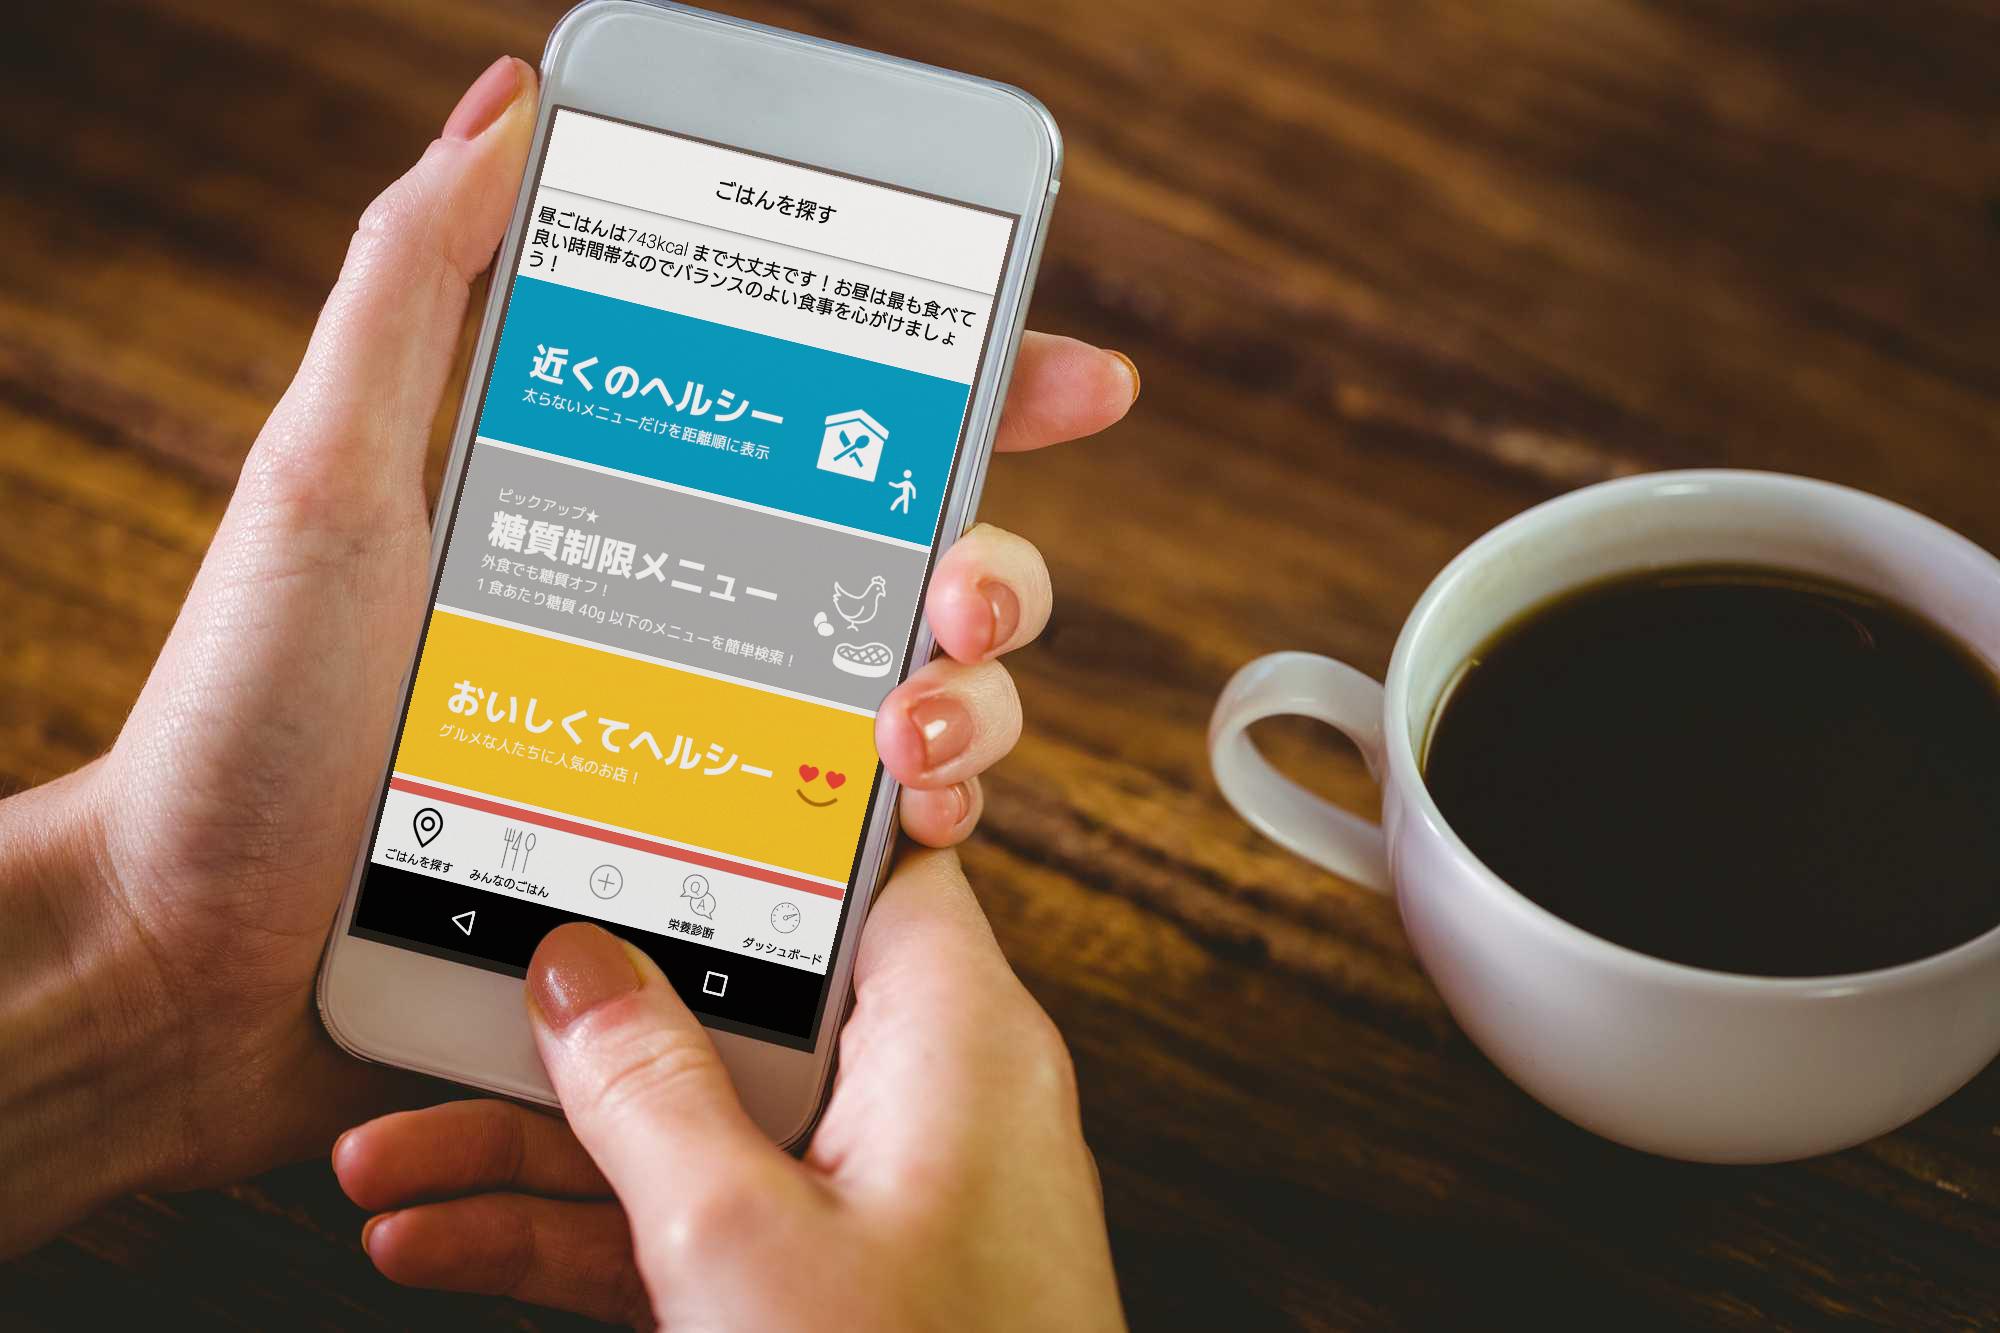 美味しく豊かなダイエットを実現するアプリMealthy[メルシー]の開発・リリースに携わりました